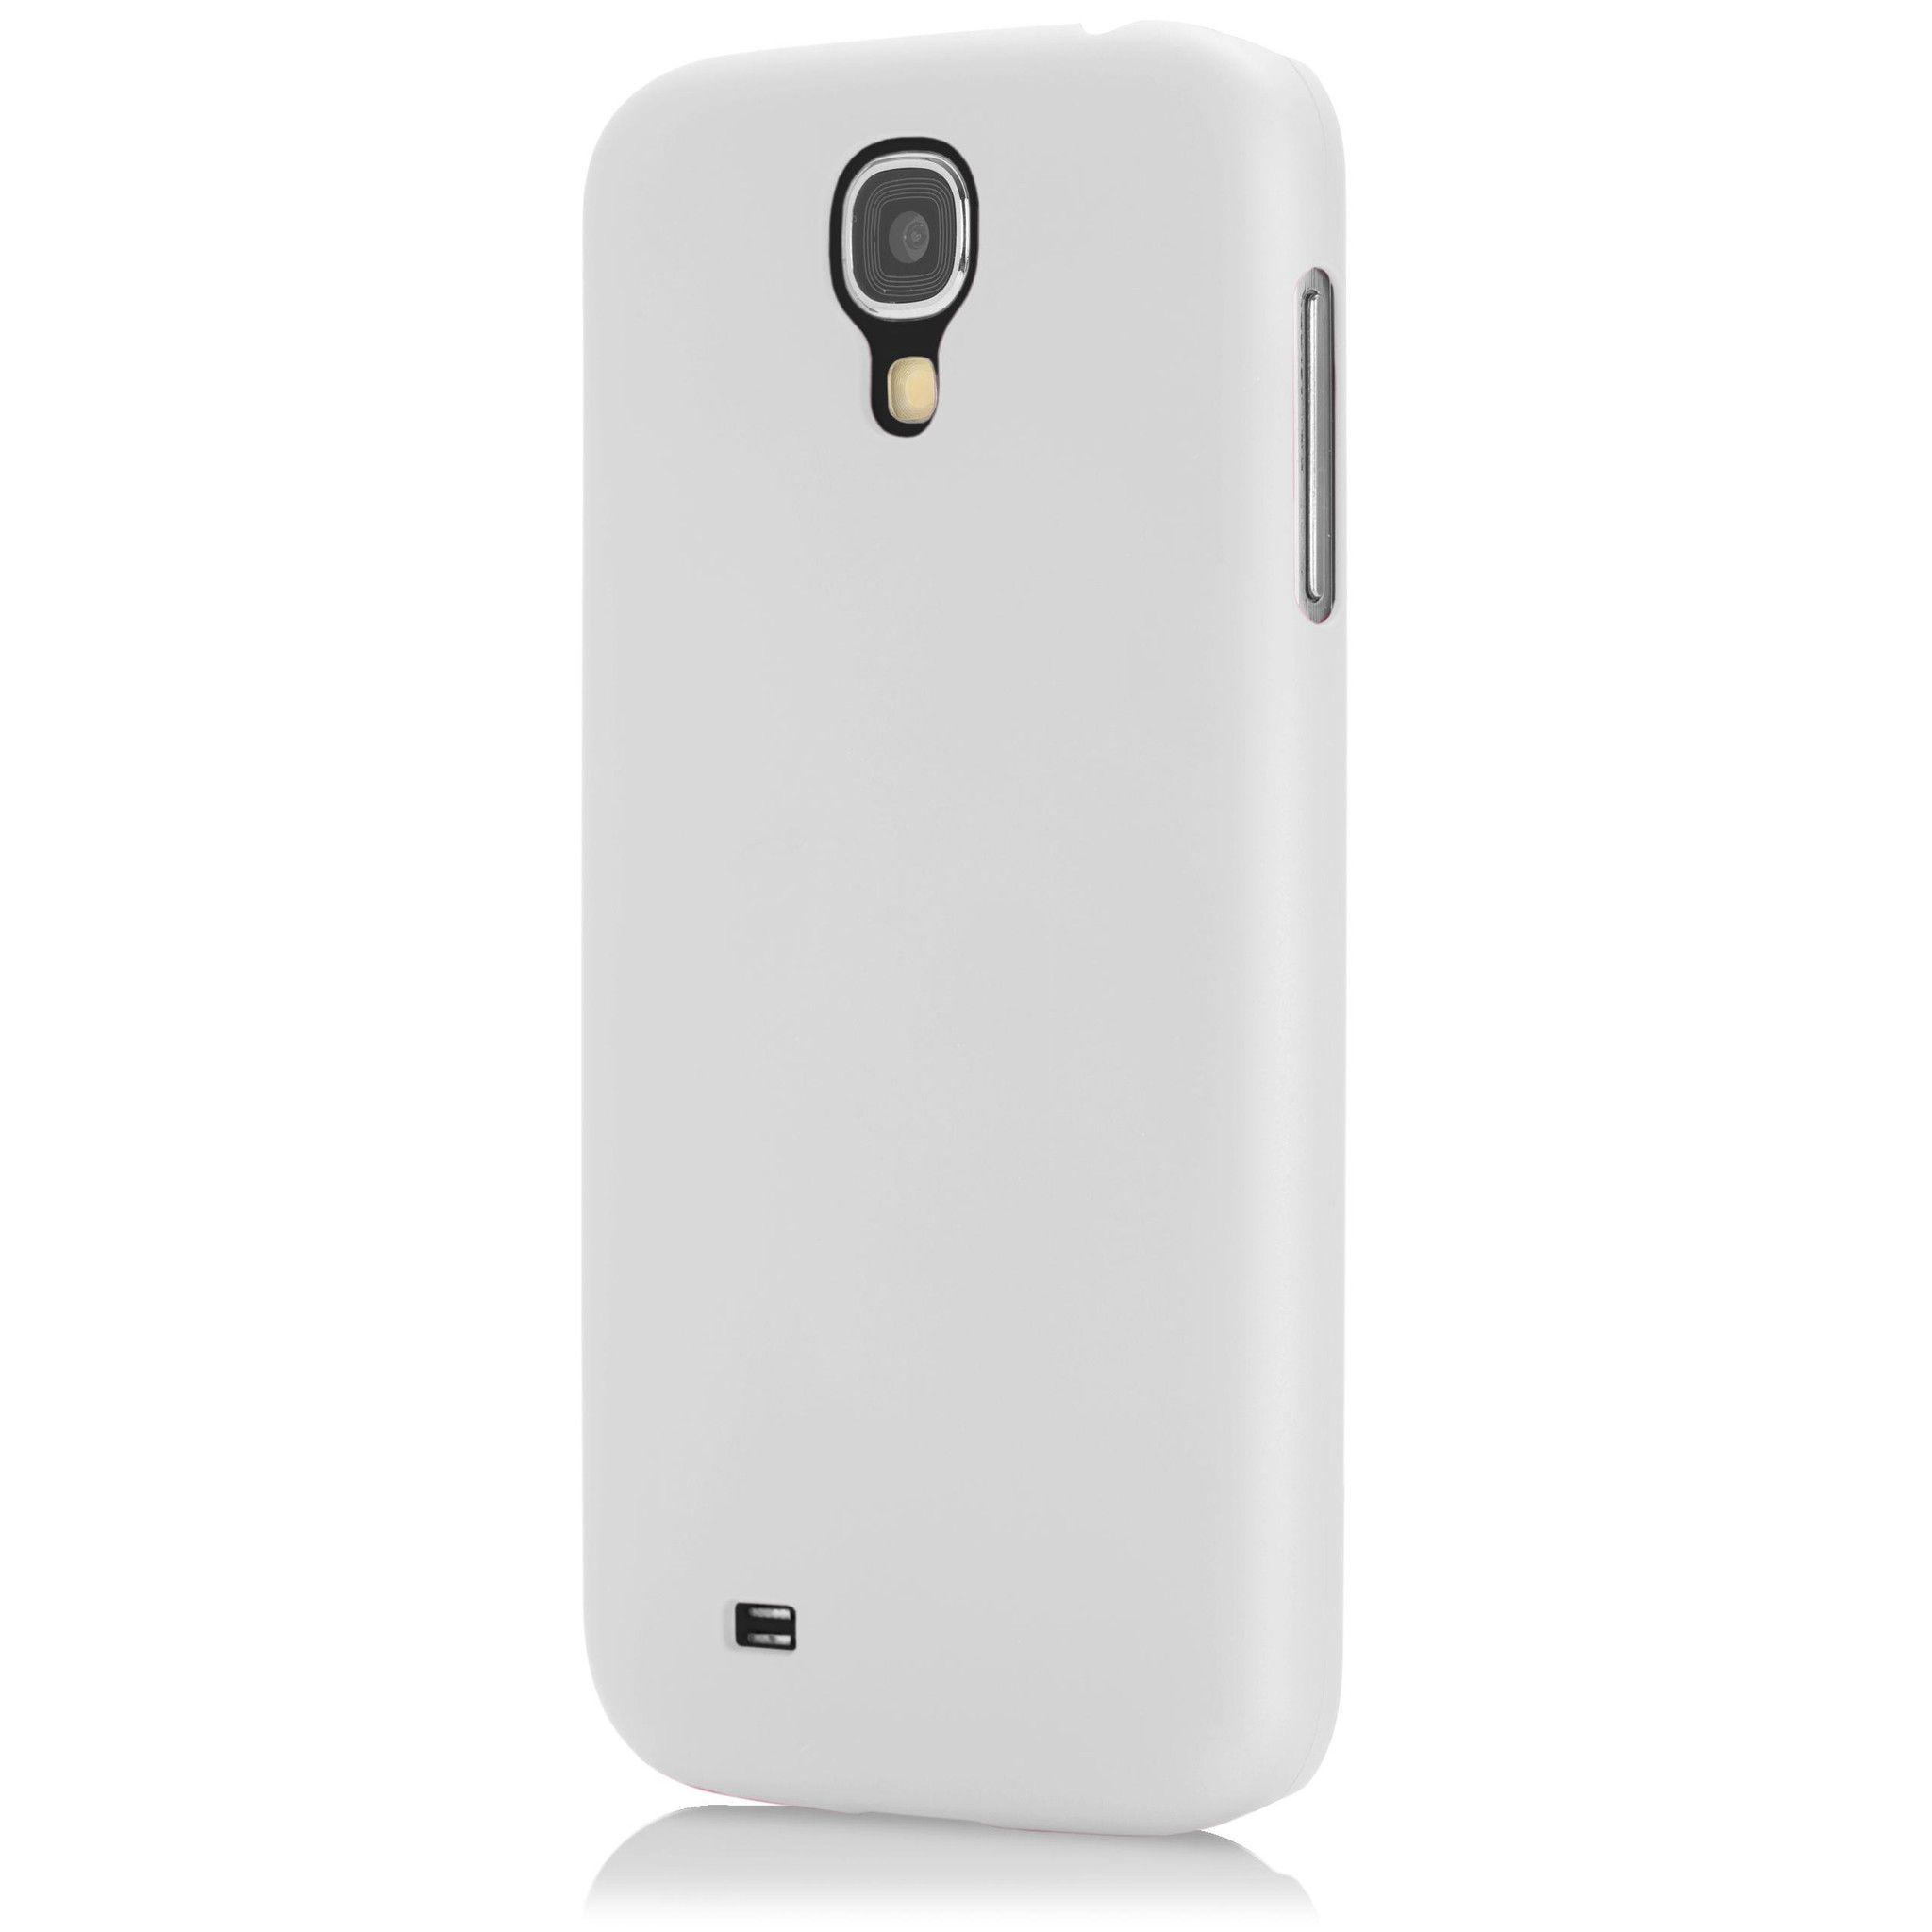 Versio Mobile Samsung Galaxy S4 Micro Shell - White